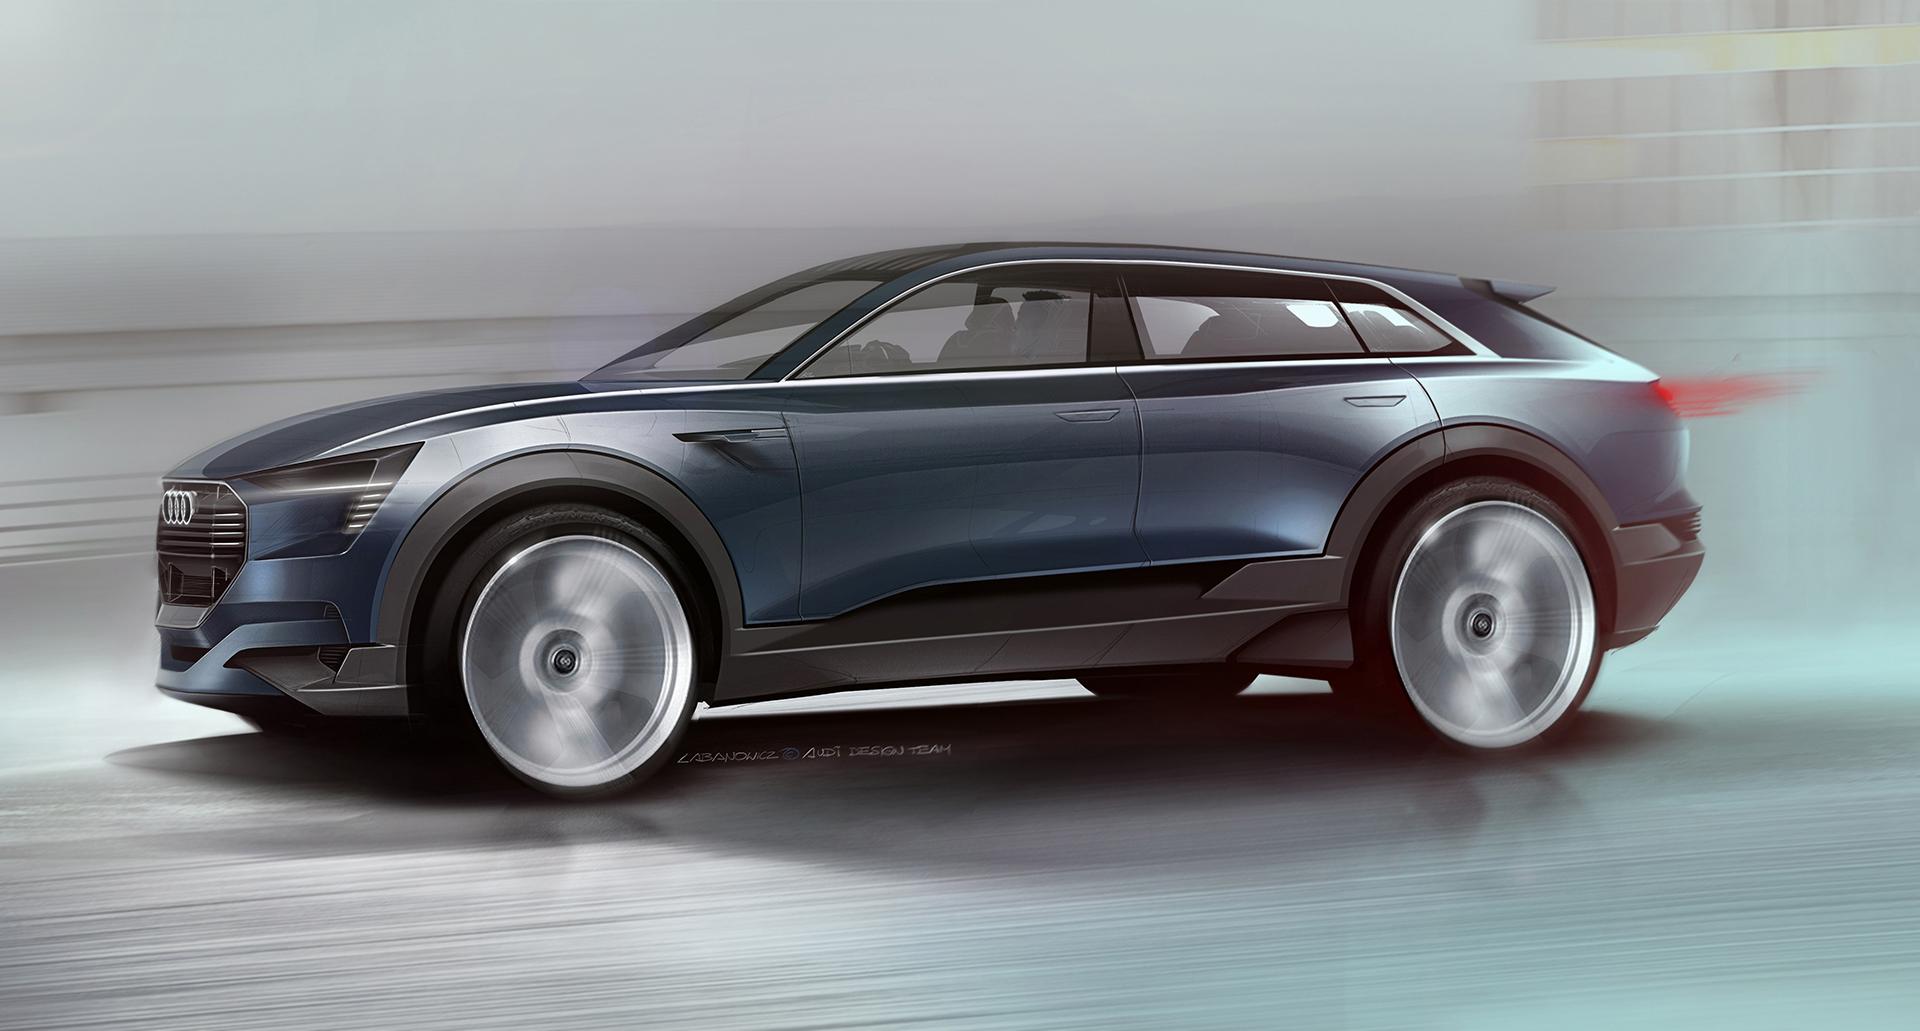 Audi e-tron quattro concept - 2016 - sketch design